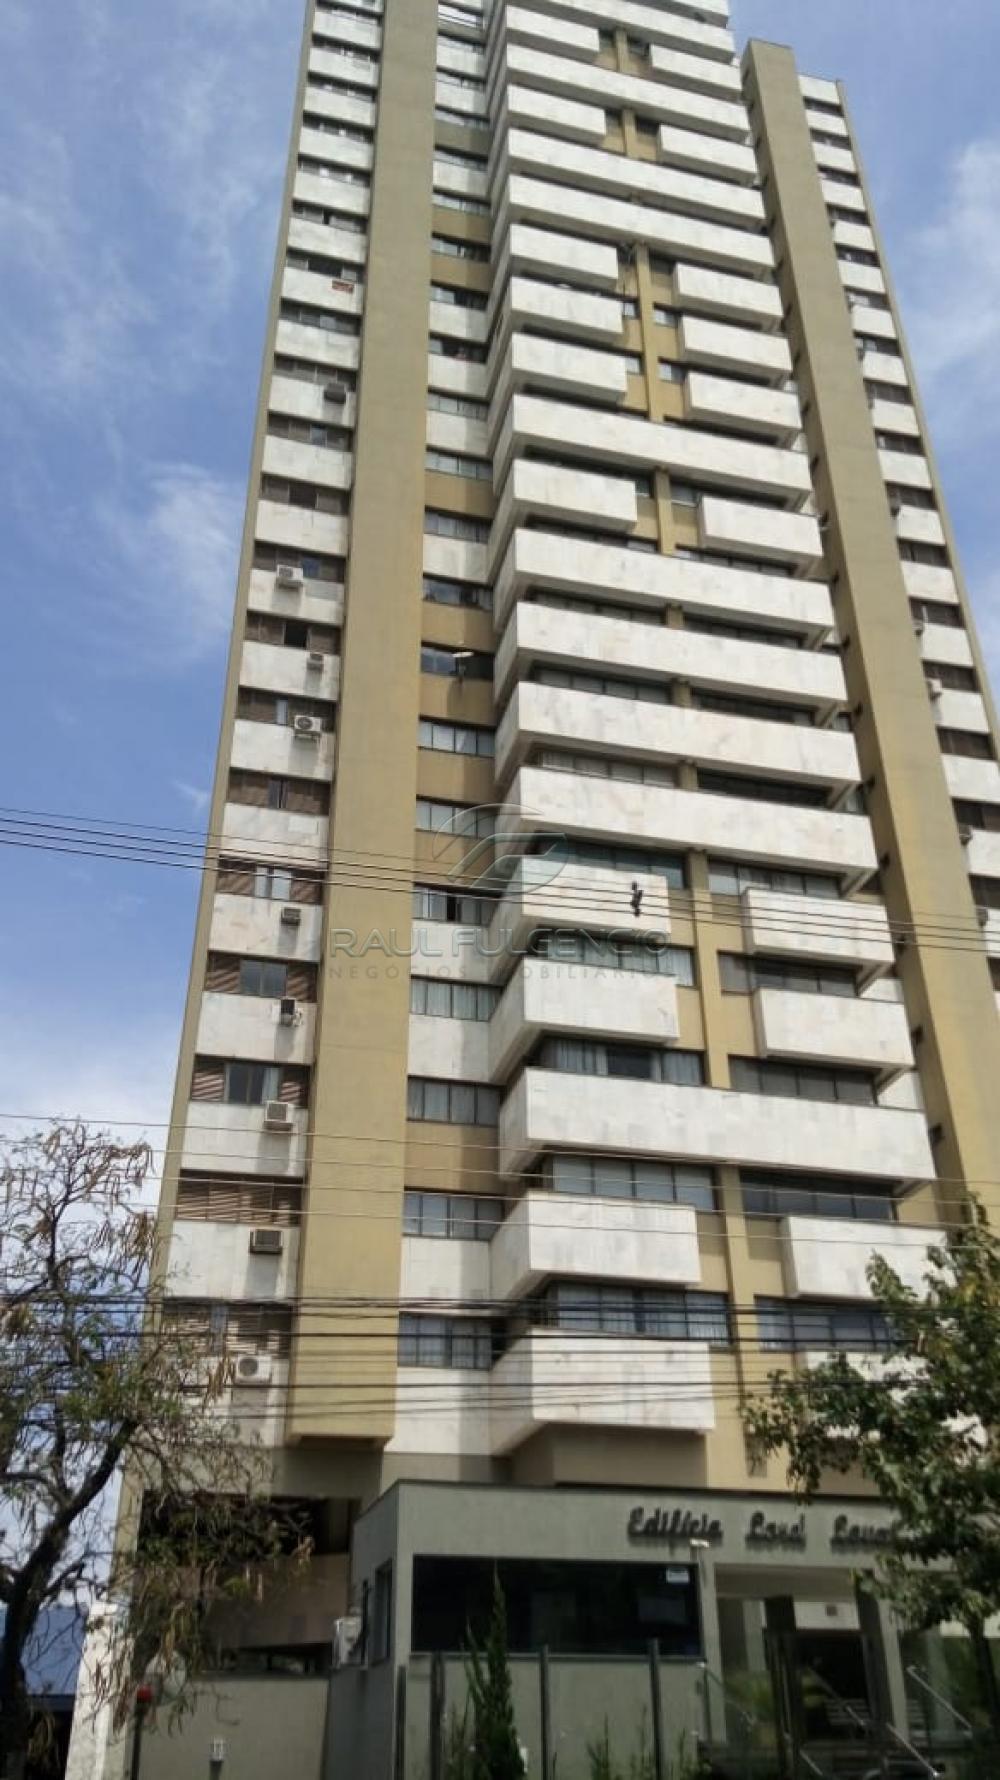 Comprar Apartamento / Padrão em Londrina apenas R$ 650.000,00 - Foto 1